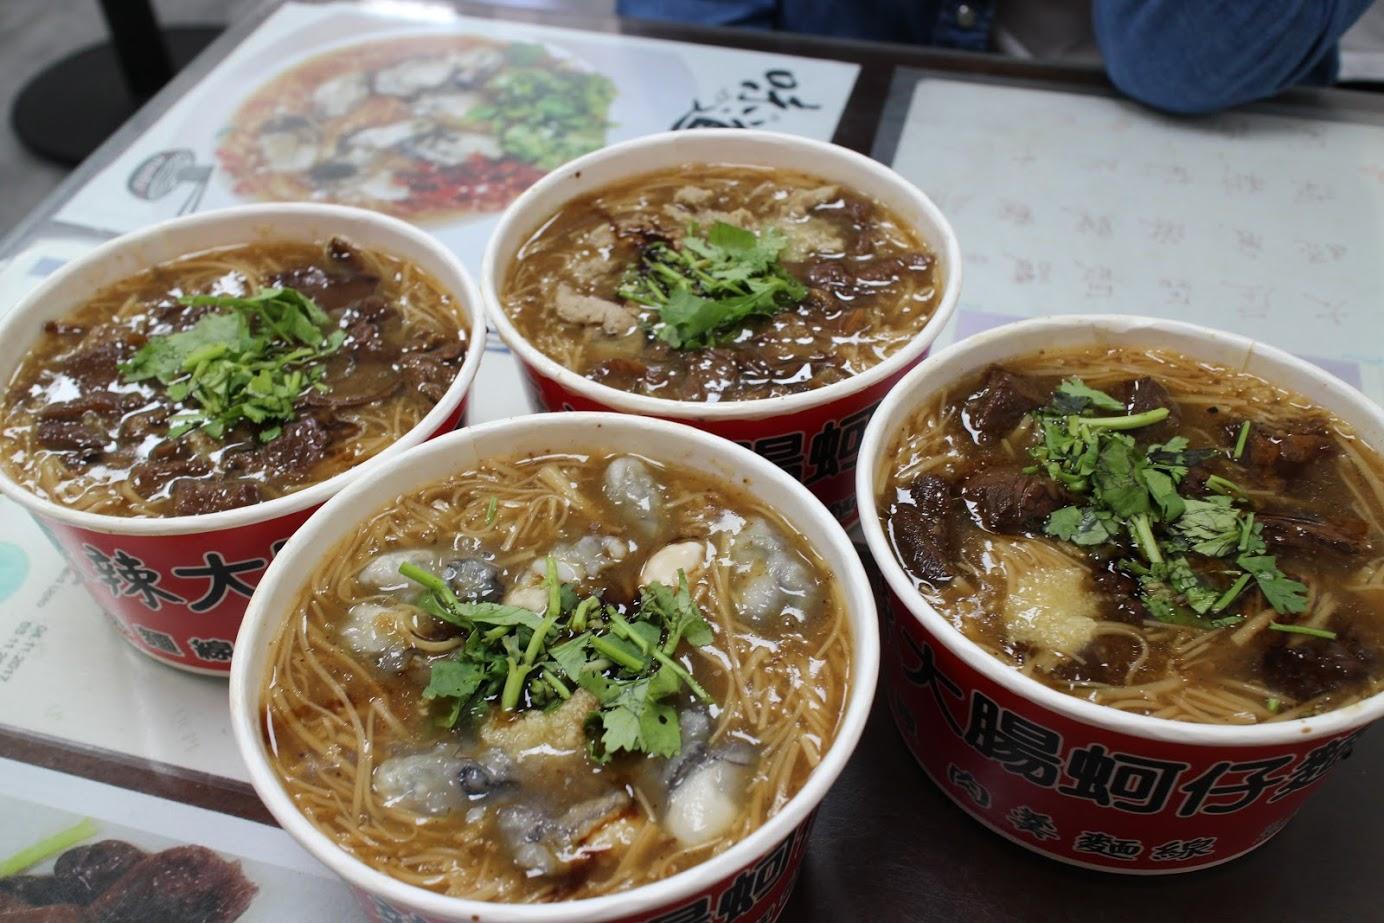 新竹美食|必吃【張記麻辣麵線】新竹銅板美食小吃推薦,肥美的鮮蚵實在太過癮啦 @秤瓶樂遊遊